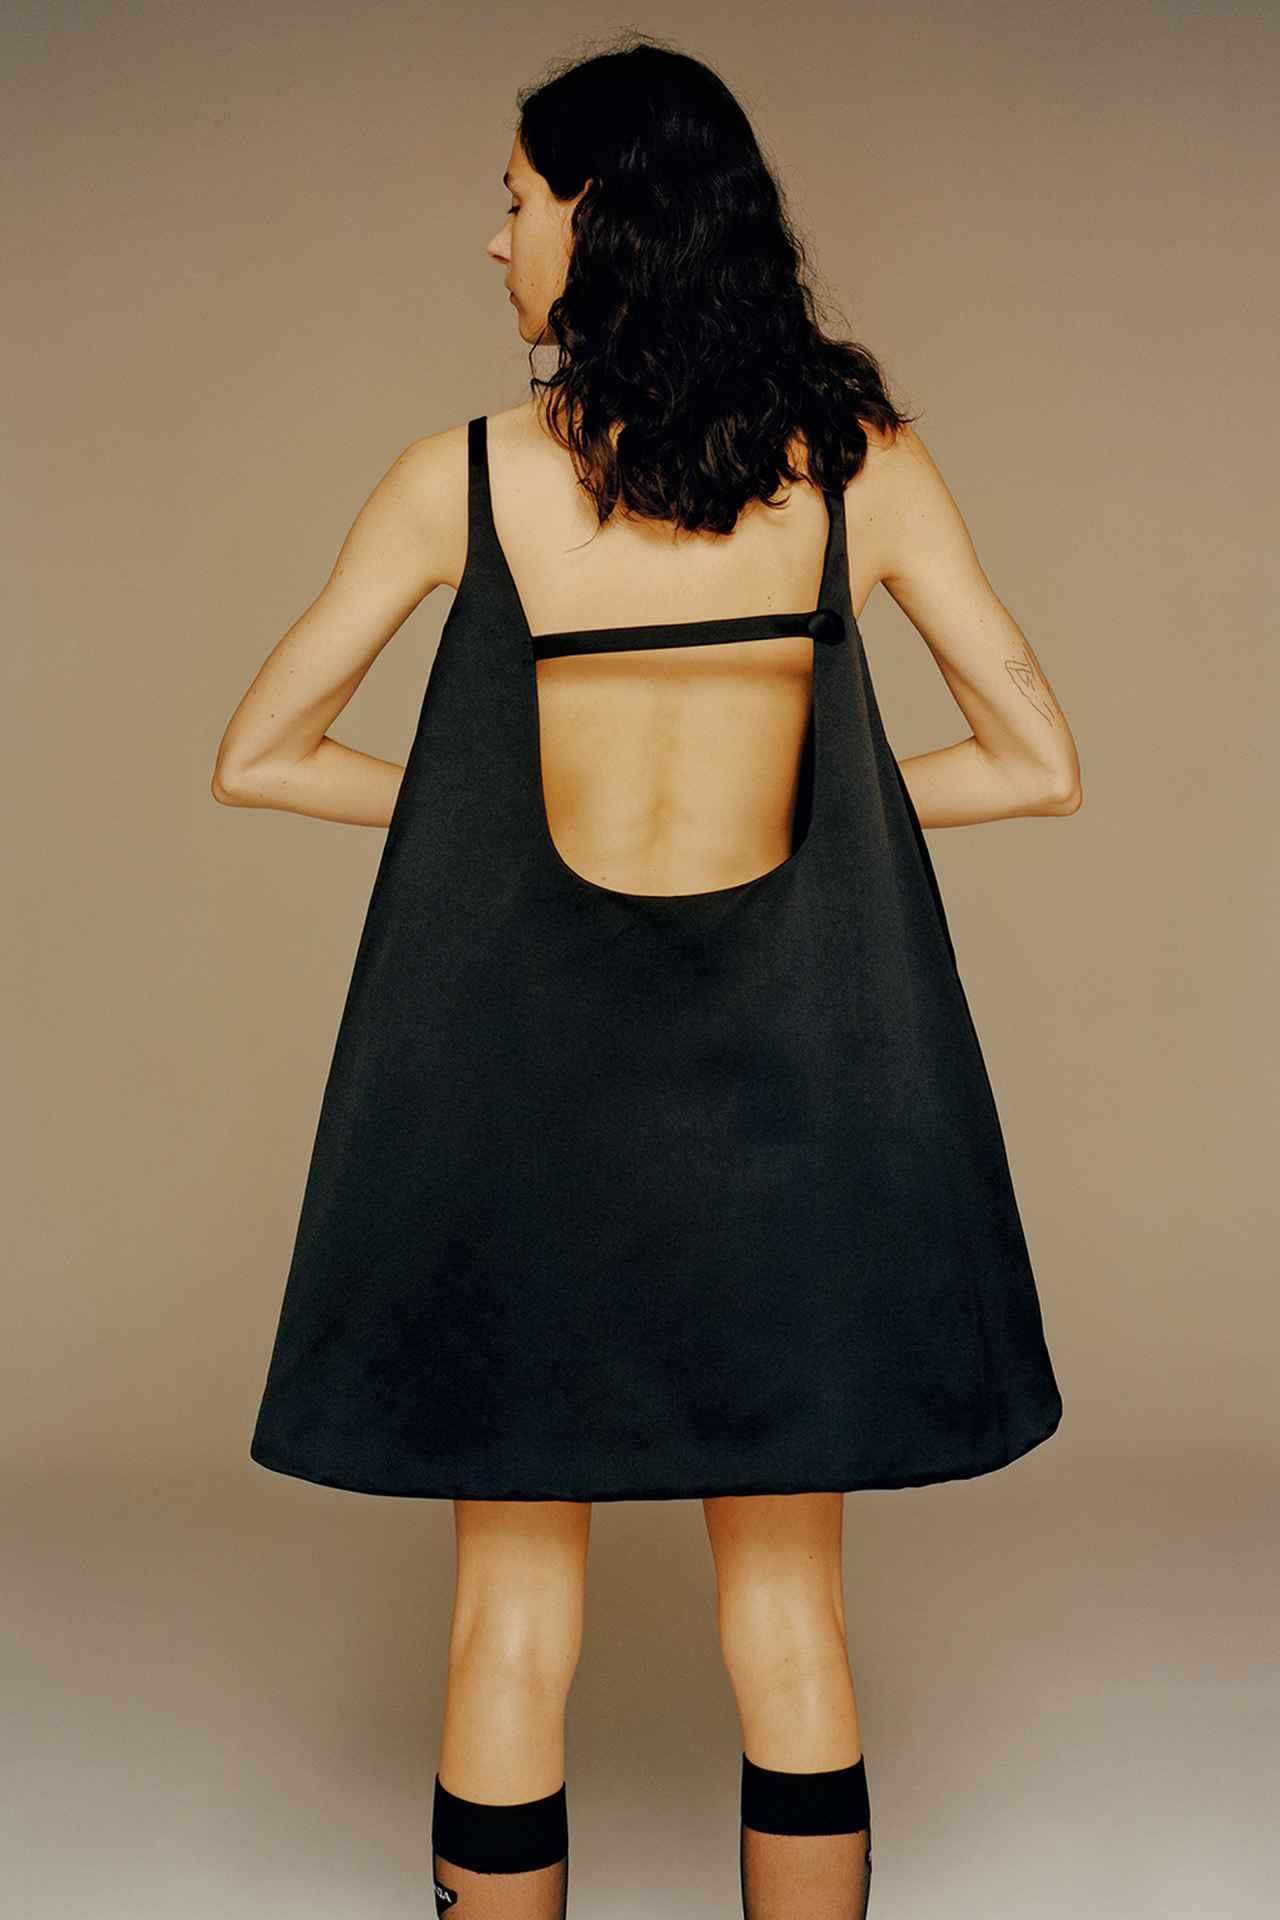 Images : 6番目の画像 - 「次に来るものは何? ファッションが描く 未来図に異変あり」のアルバム - T JAPAN:The New York Times Style Magazine 公式サイト